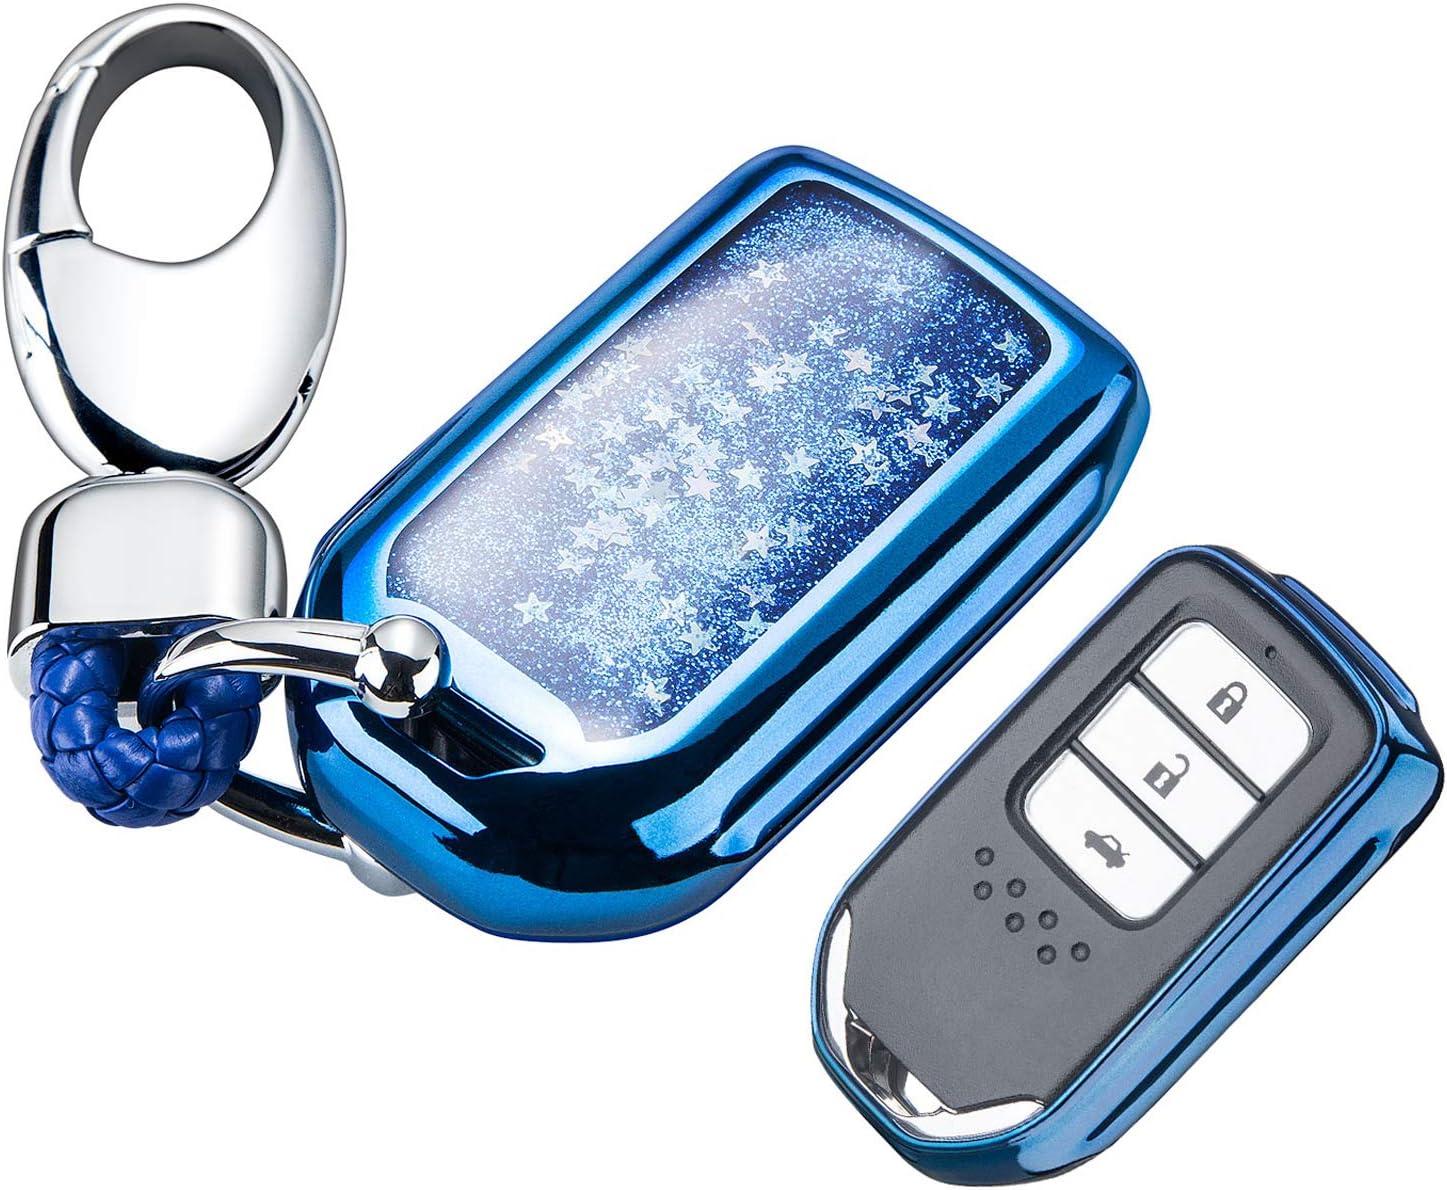 Serrure couvercle Console cele KA0G6445YA02 voiture r/éparation Durable int/érieur noir pi/èces rechange automatiques pratiques faciles /à installer multifonction /à ajustement direct pour Mazda 2013-2016